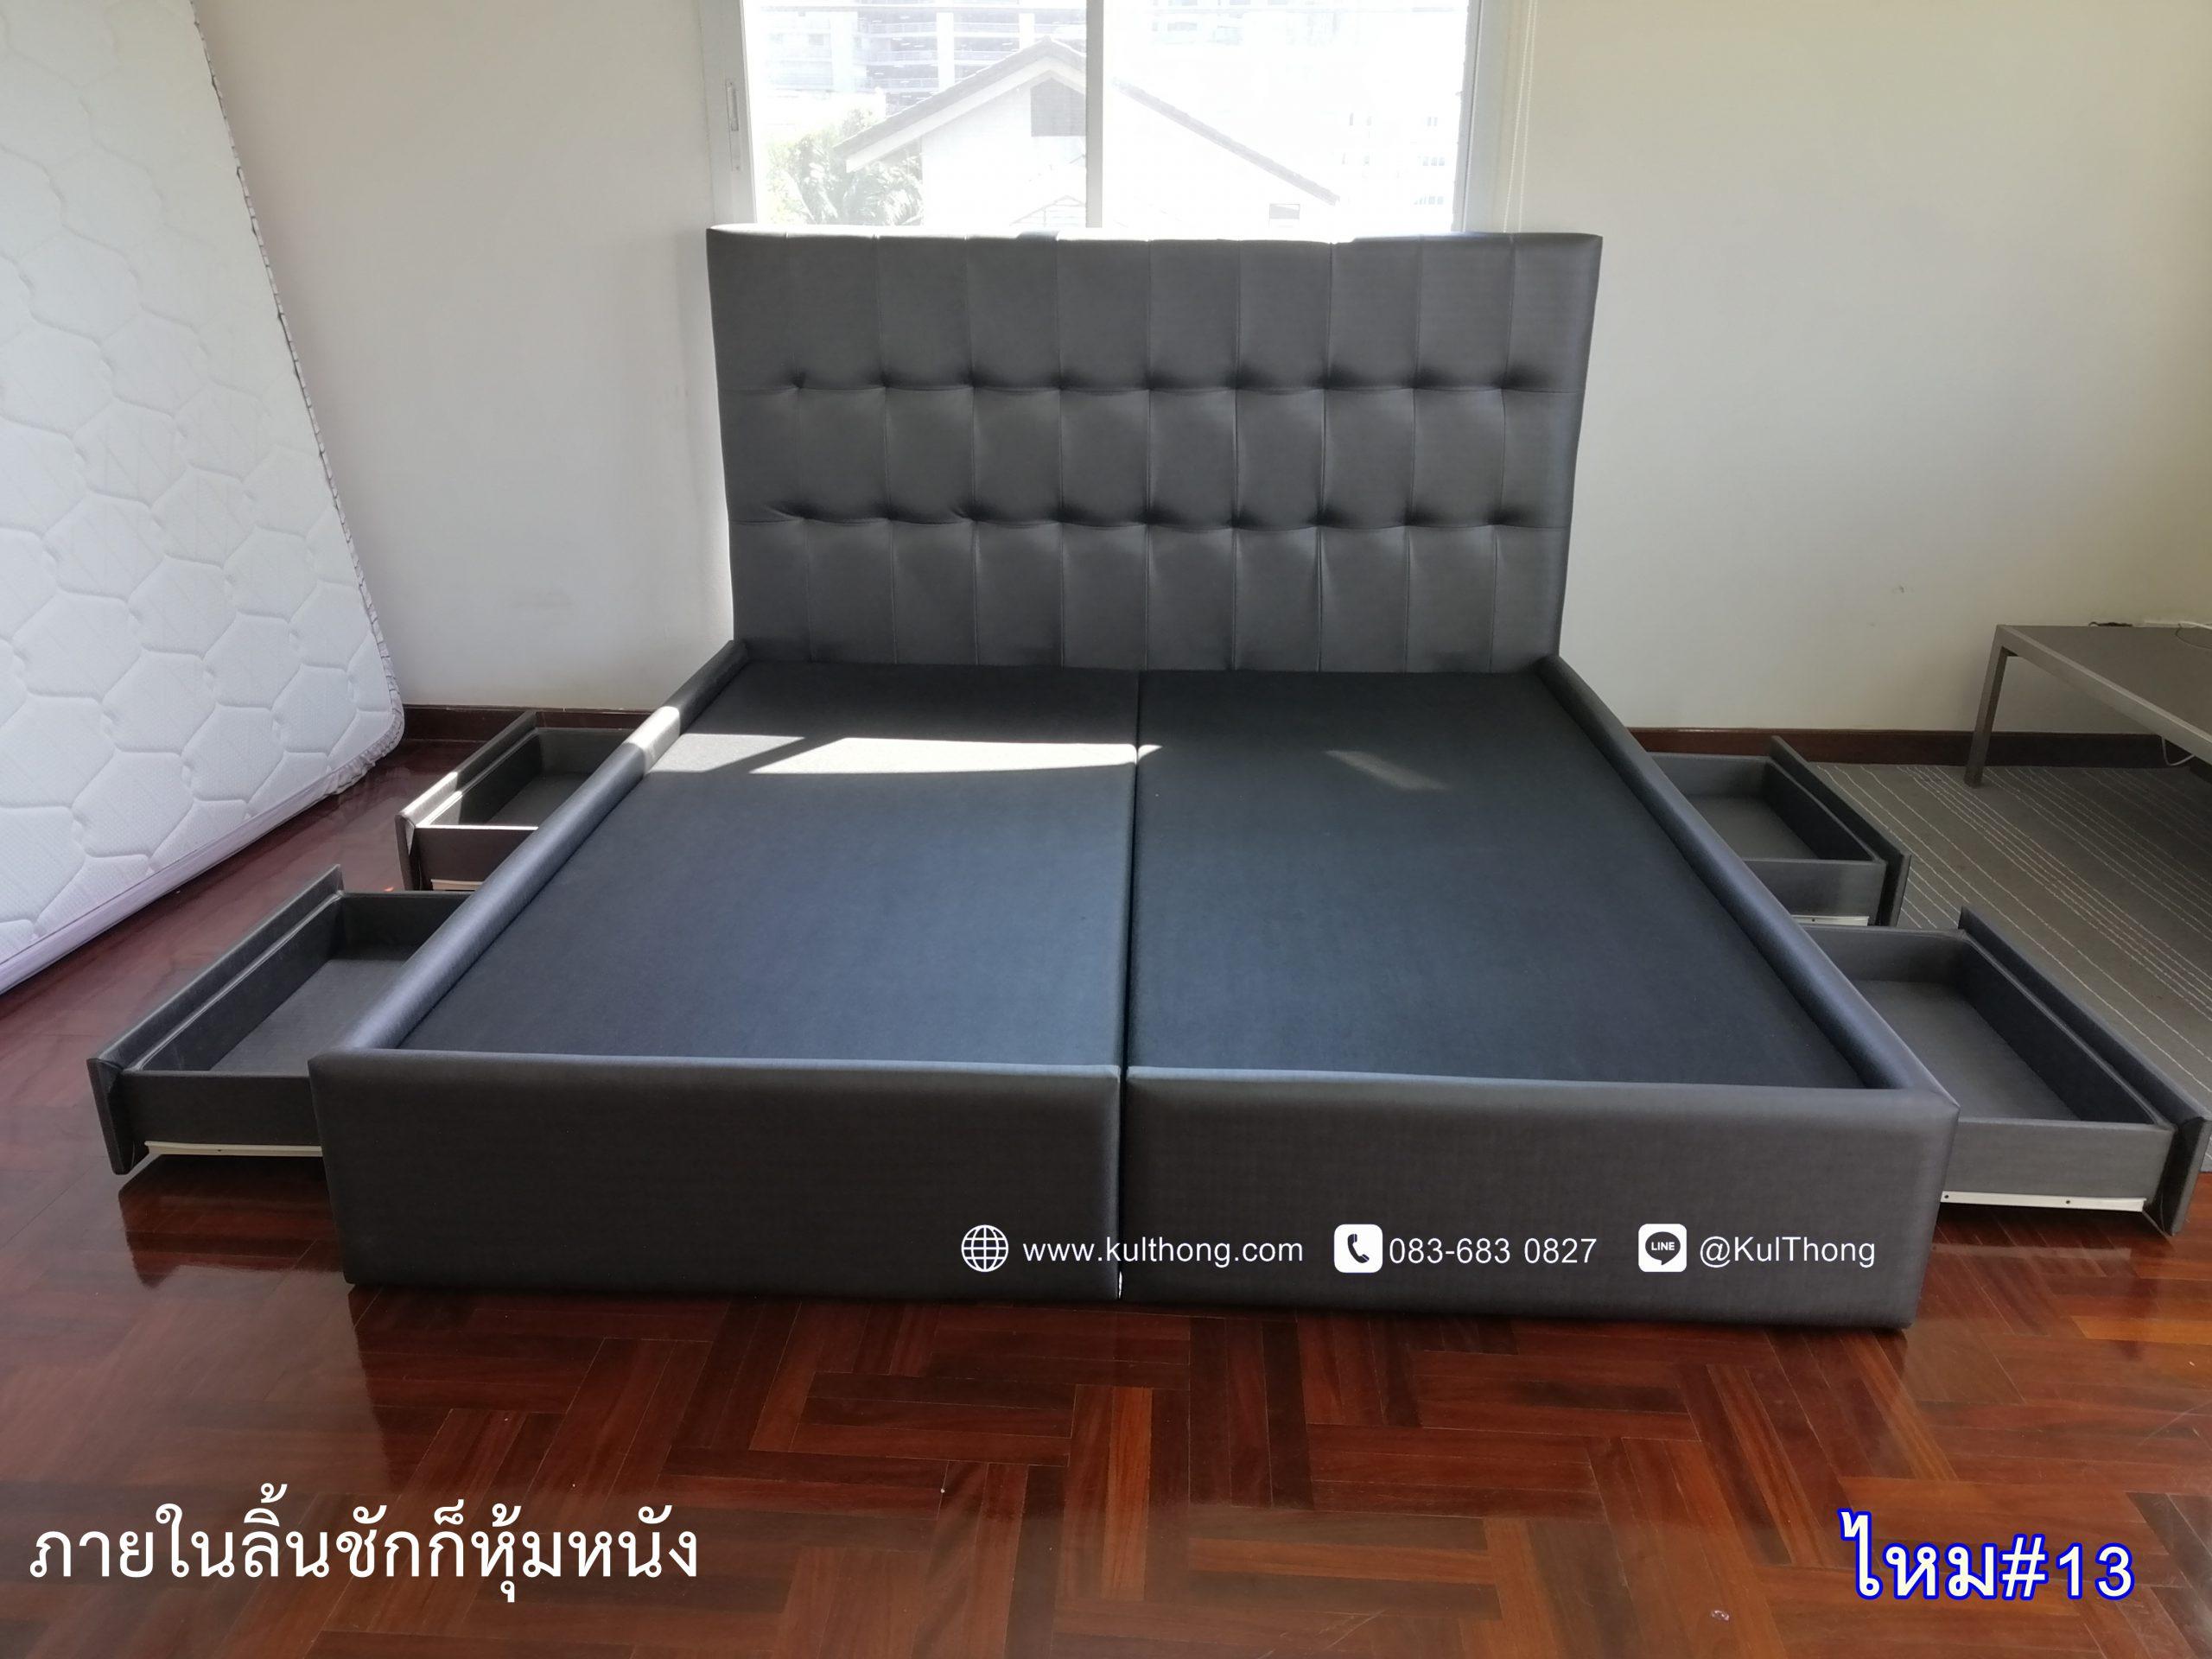 เตียงลิ้นชัก เตียงหุ้มหนัง เตียงใส่ของ ฐานรองที่นอน เตียงเก็บของ